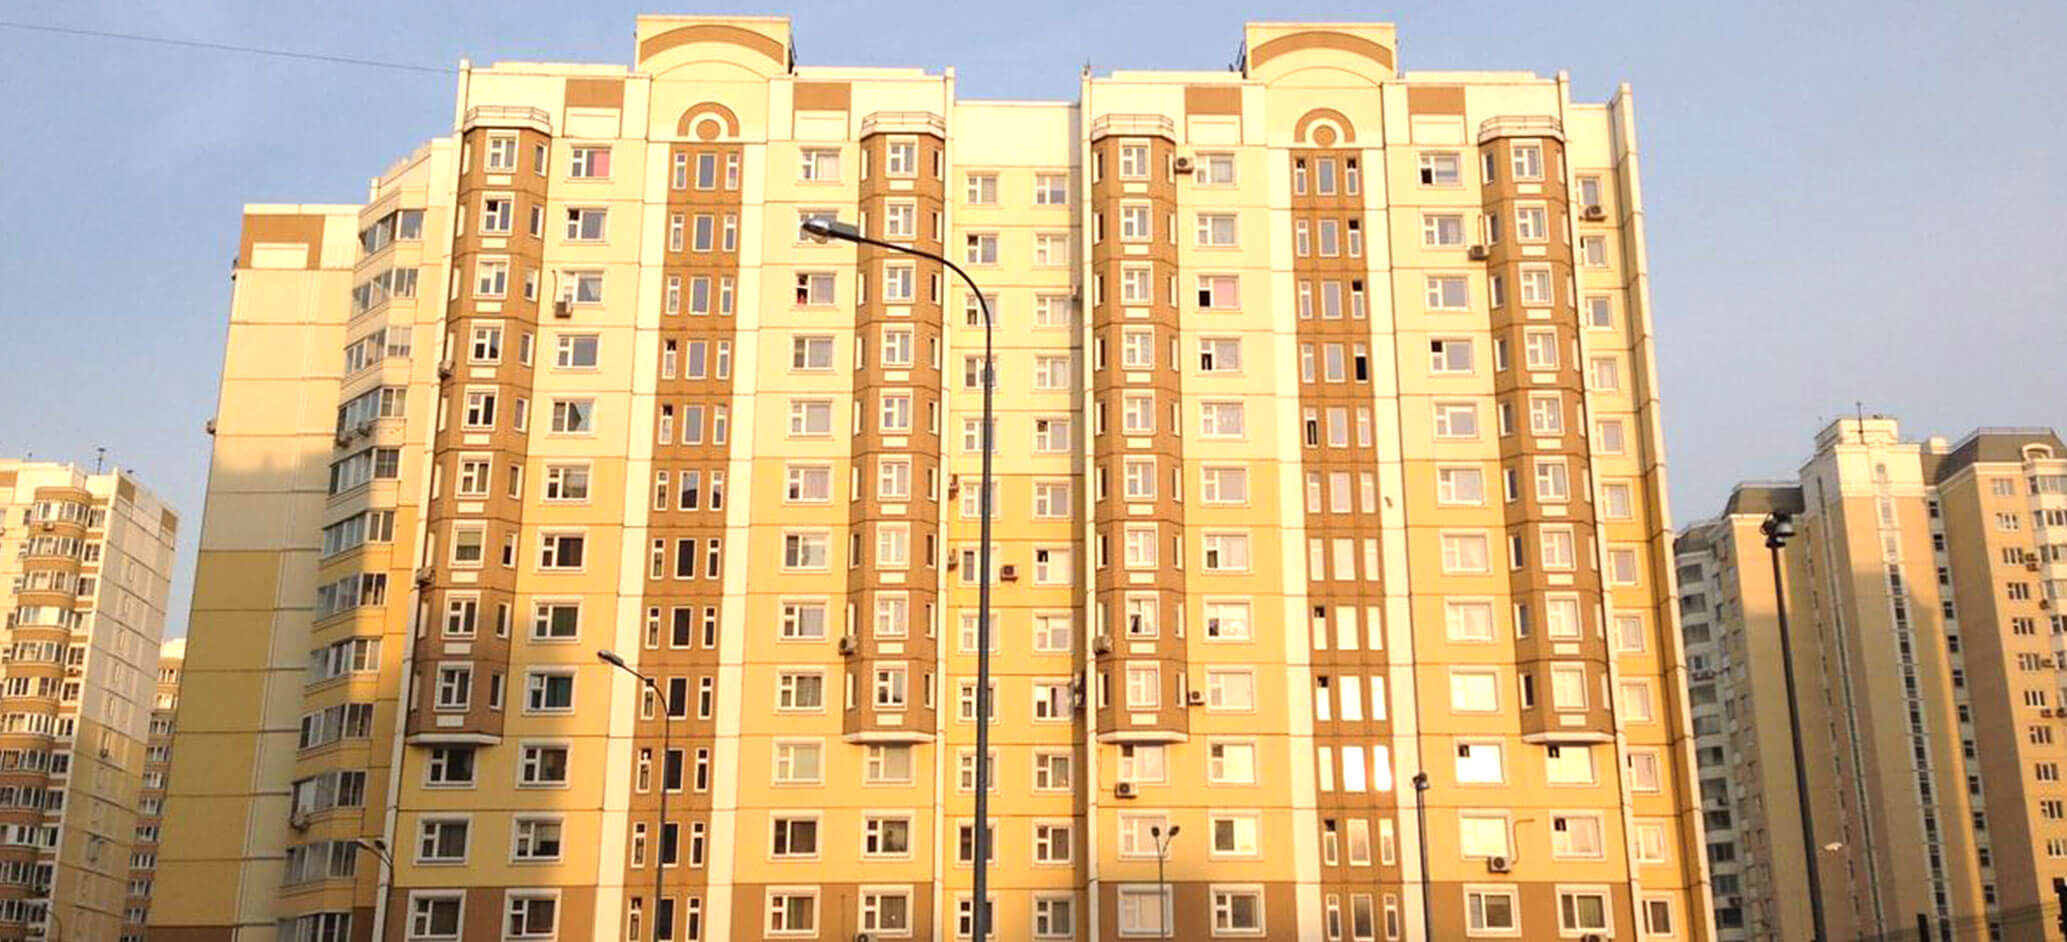 Дом серии П3М, остекление деревянными окнами, балкон и лоджия из дерева